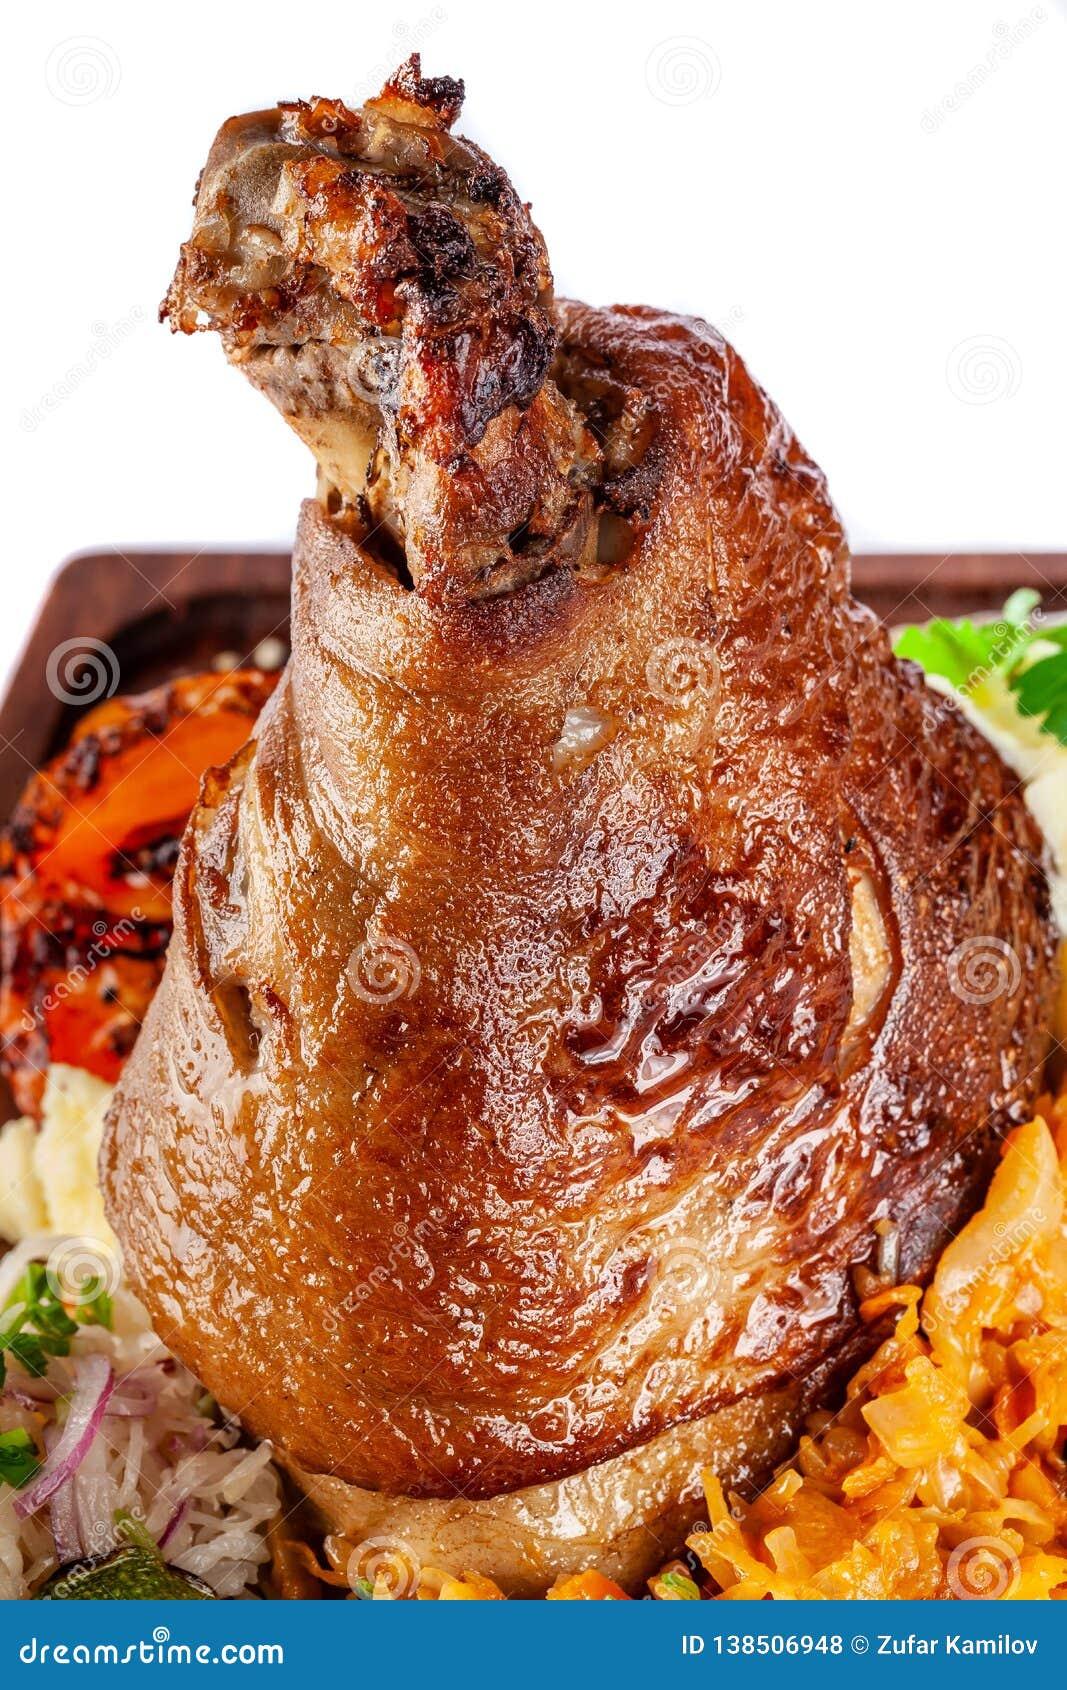 Europäische, tschechische Küche Schweinefleischknöchel auf einem hölzernen Brett mit Kartoffelpürees, gedämpfter Kohl, gegrilltes